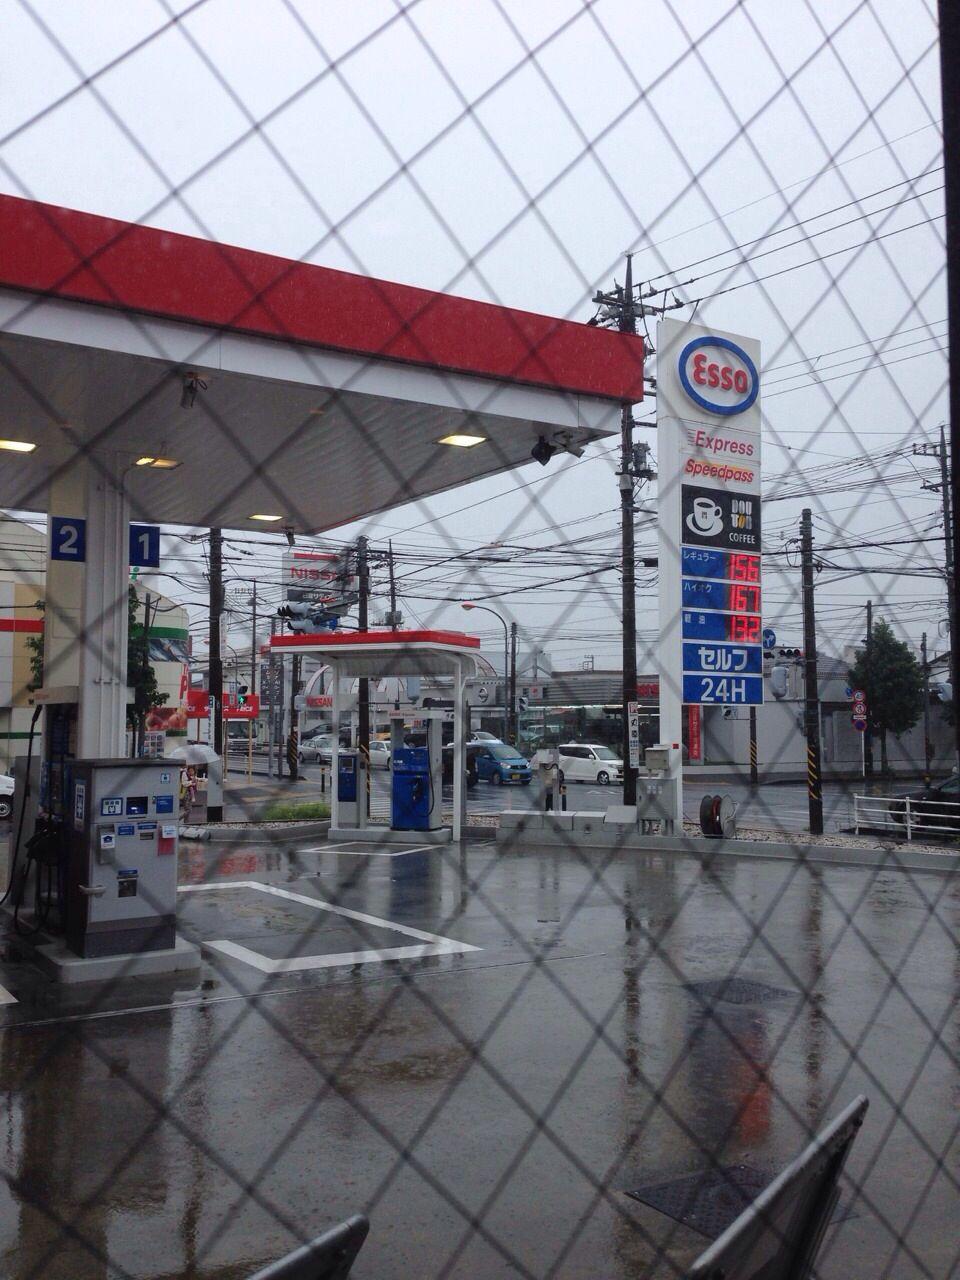 ガソリンスタンドと雨空☔️BRAIDART 西村英哲 (  Hidenori  Nisimura  )